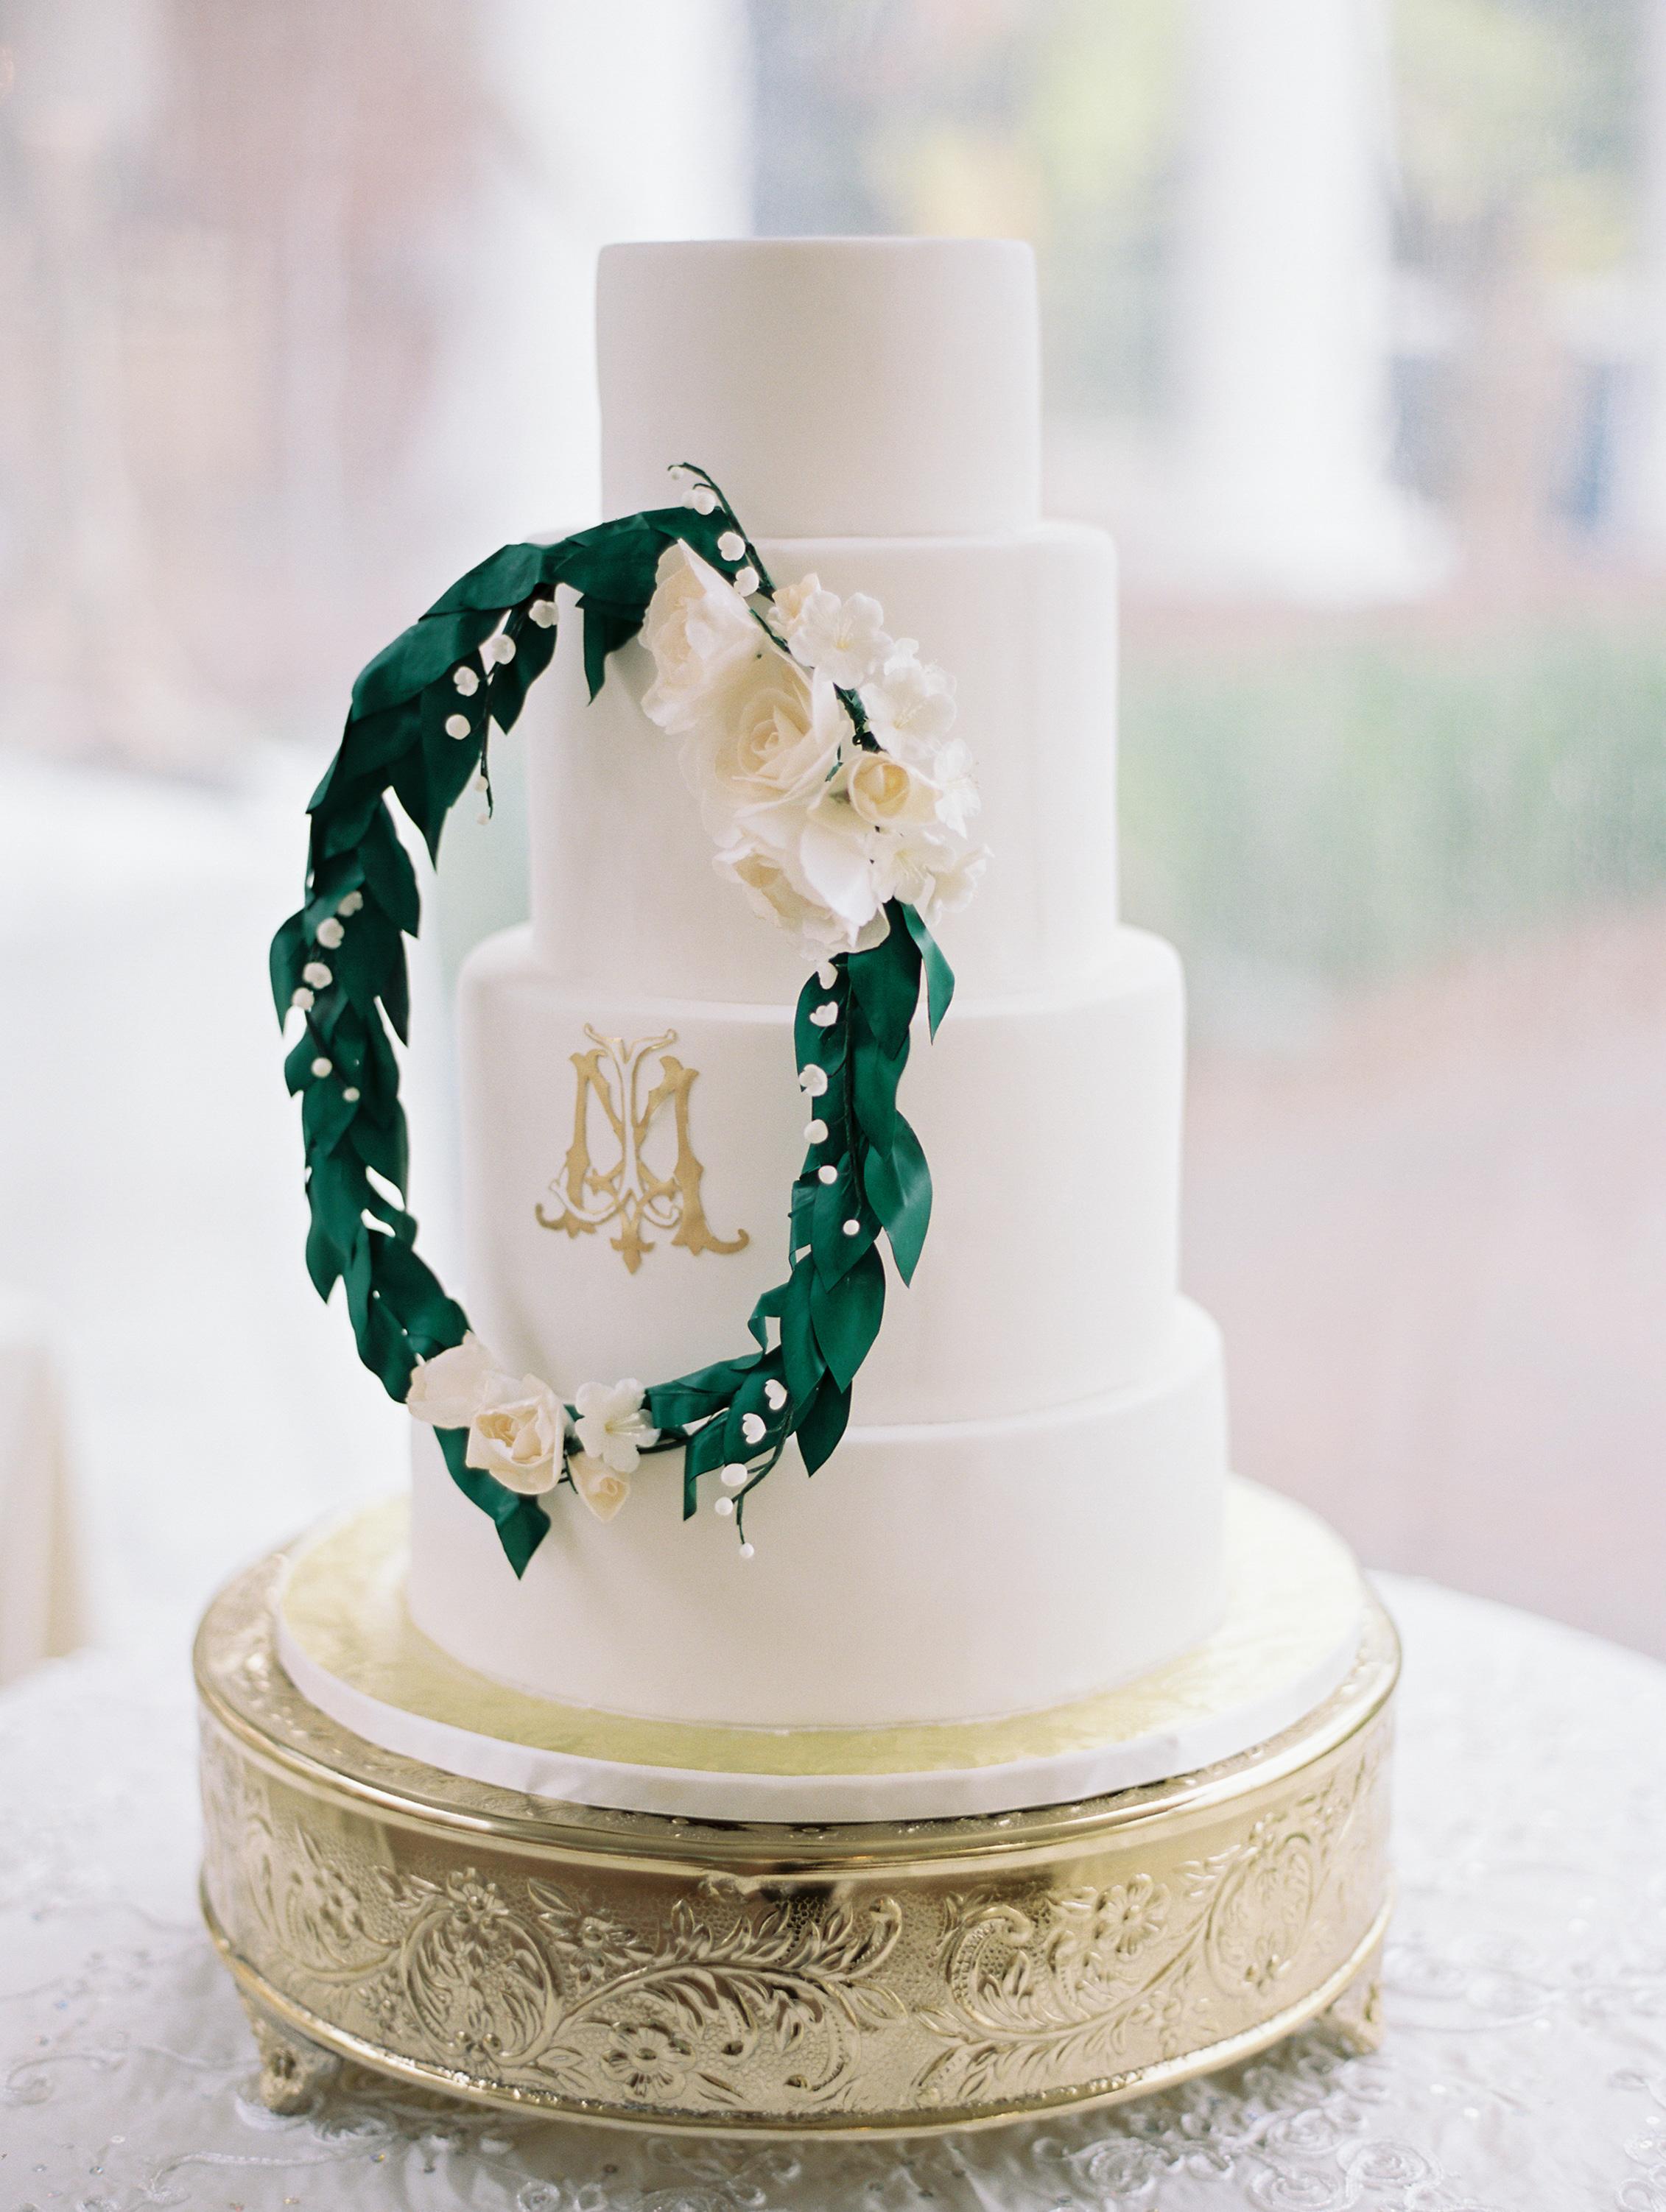 macey joshua wedding cake with wreath